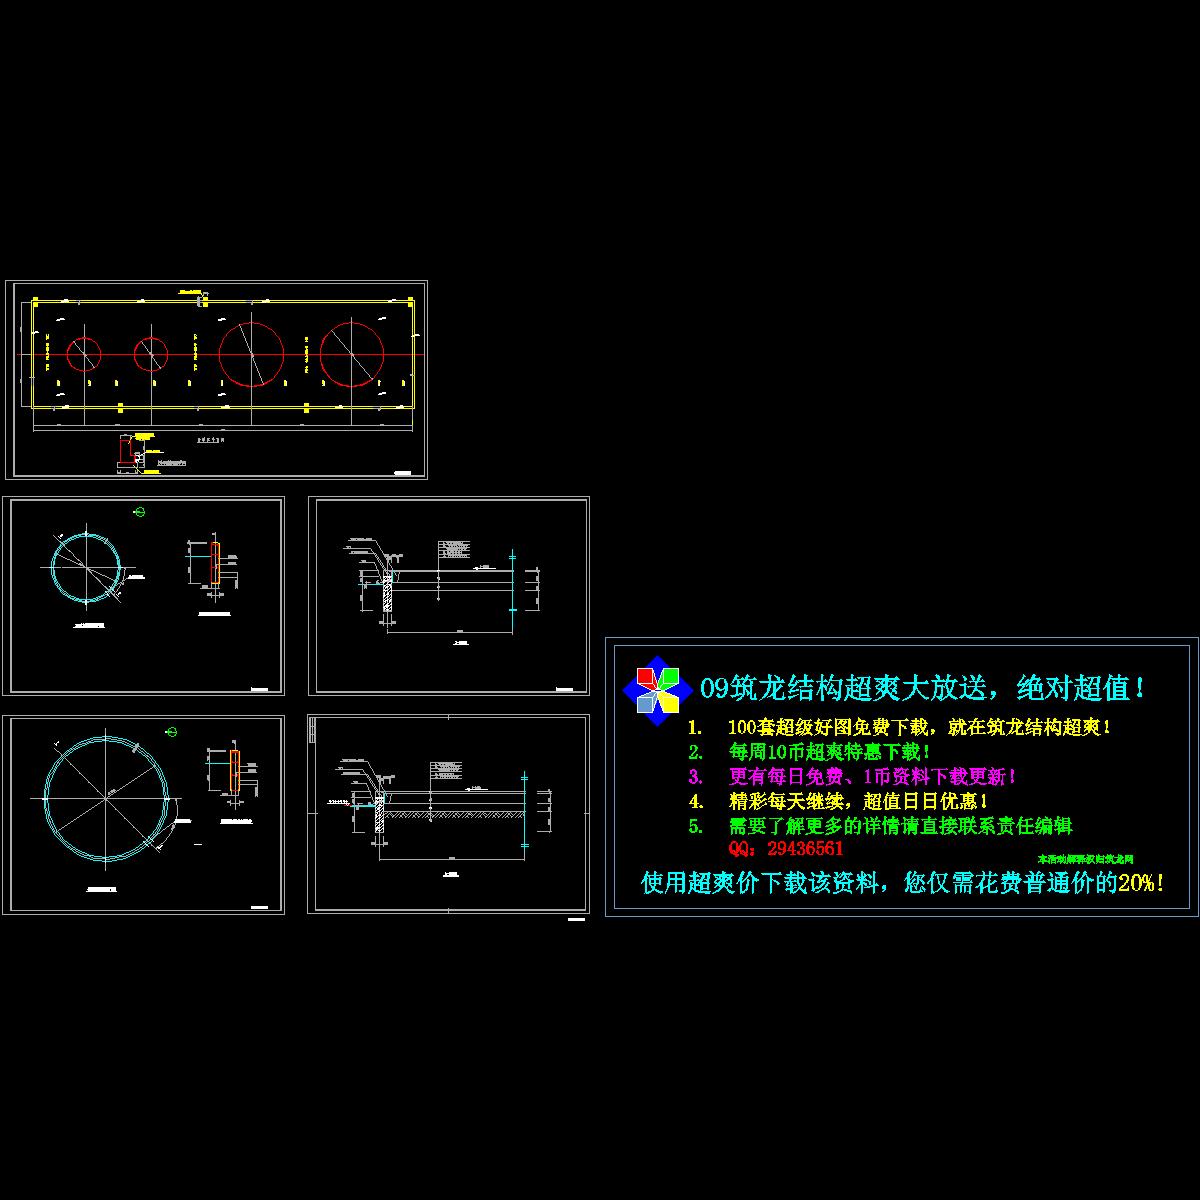 构造节点详图 - 1